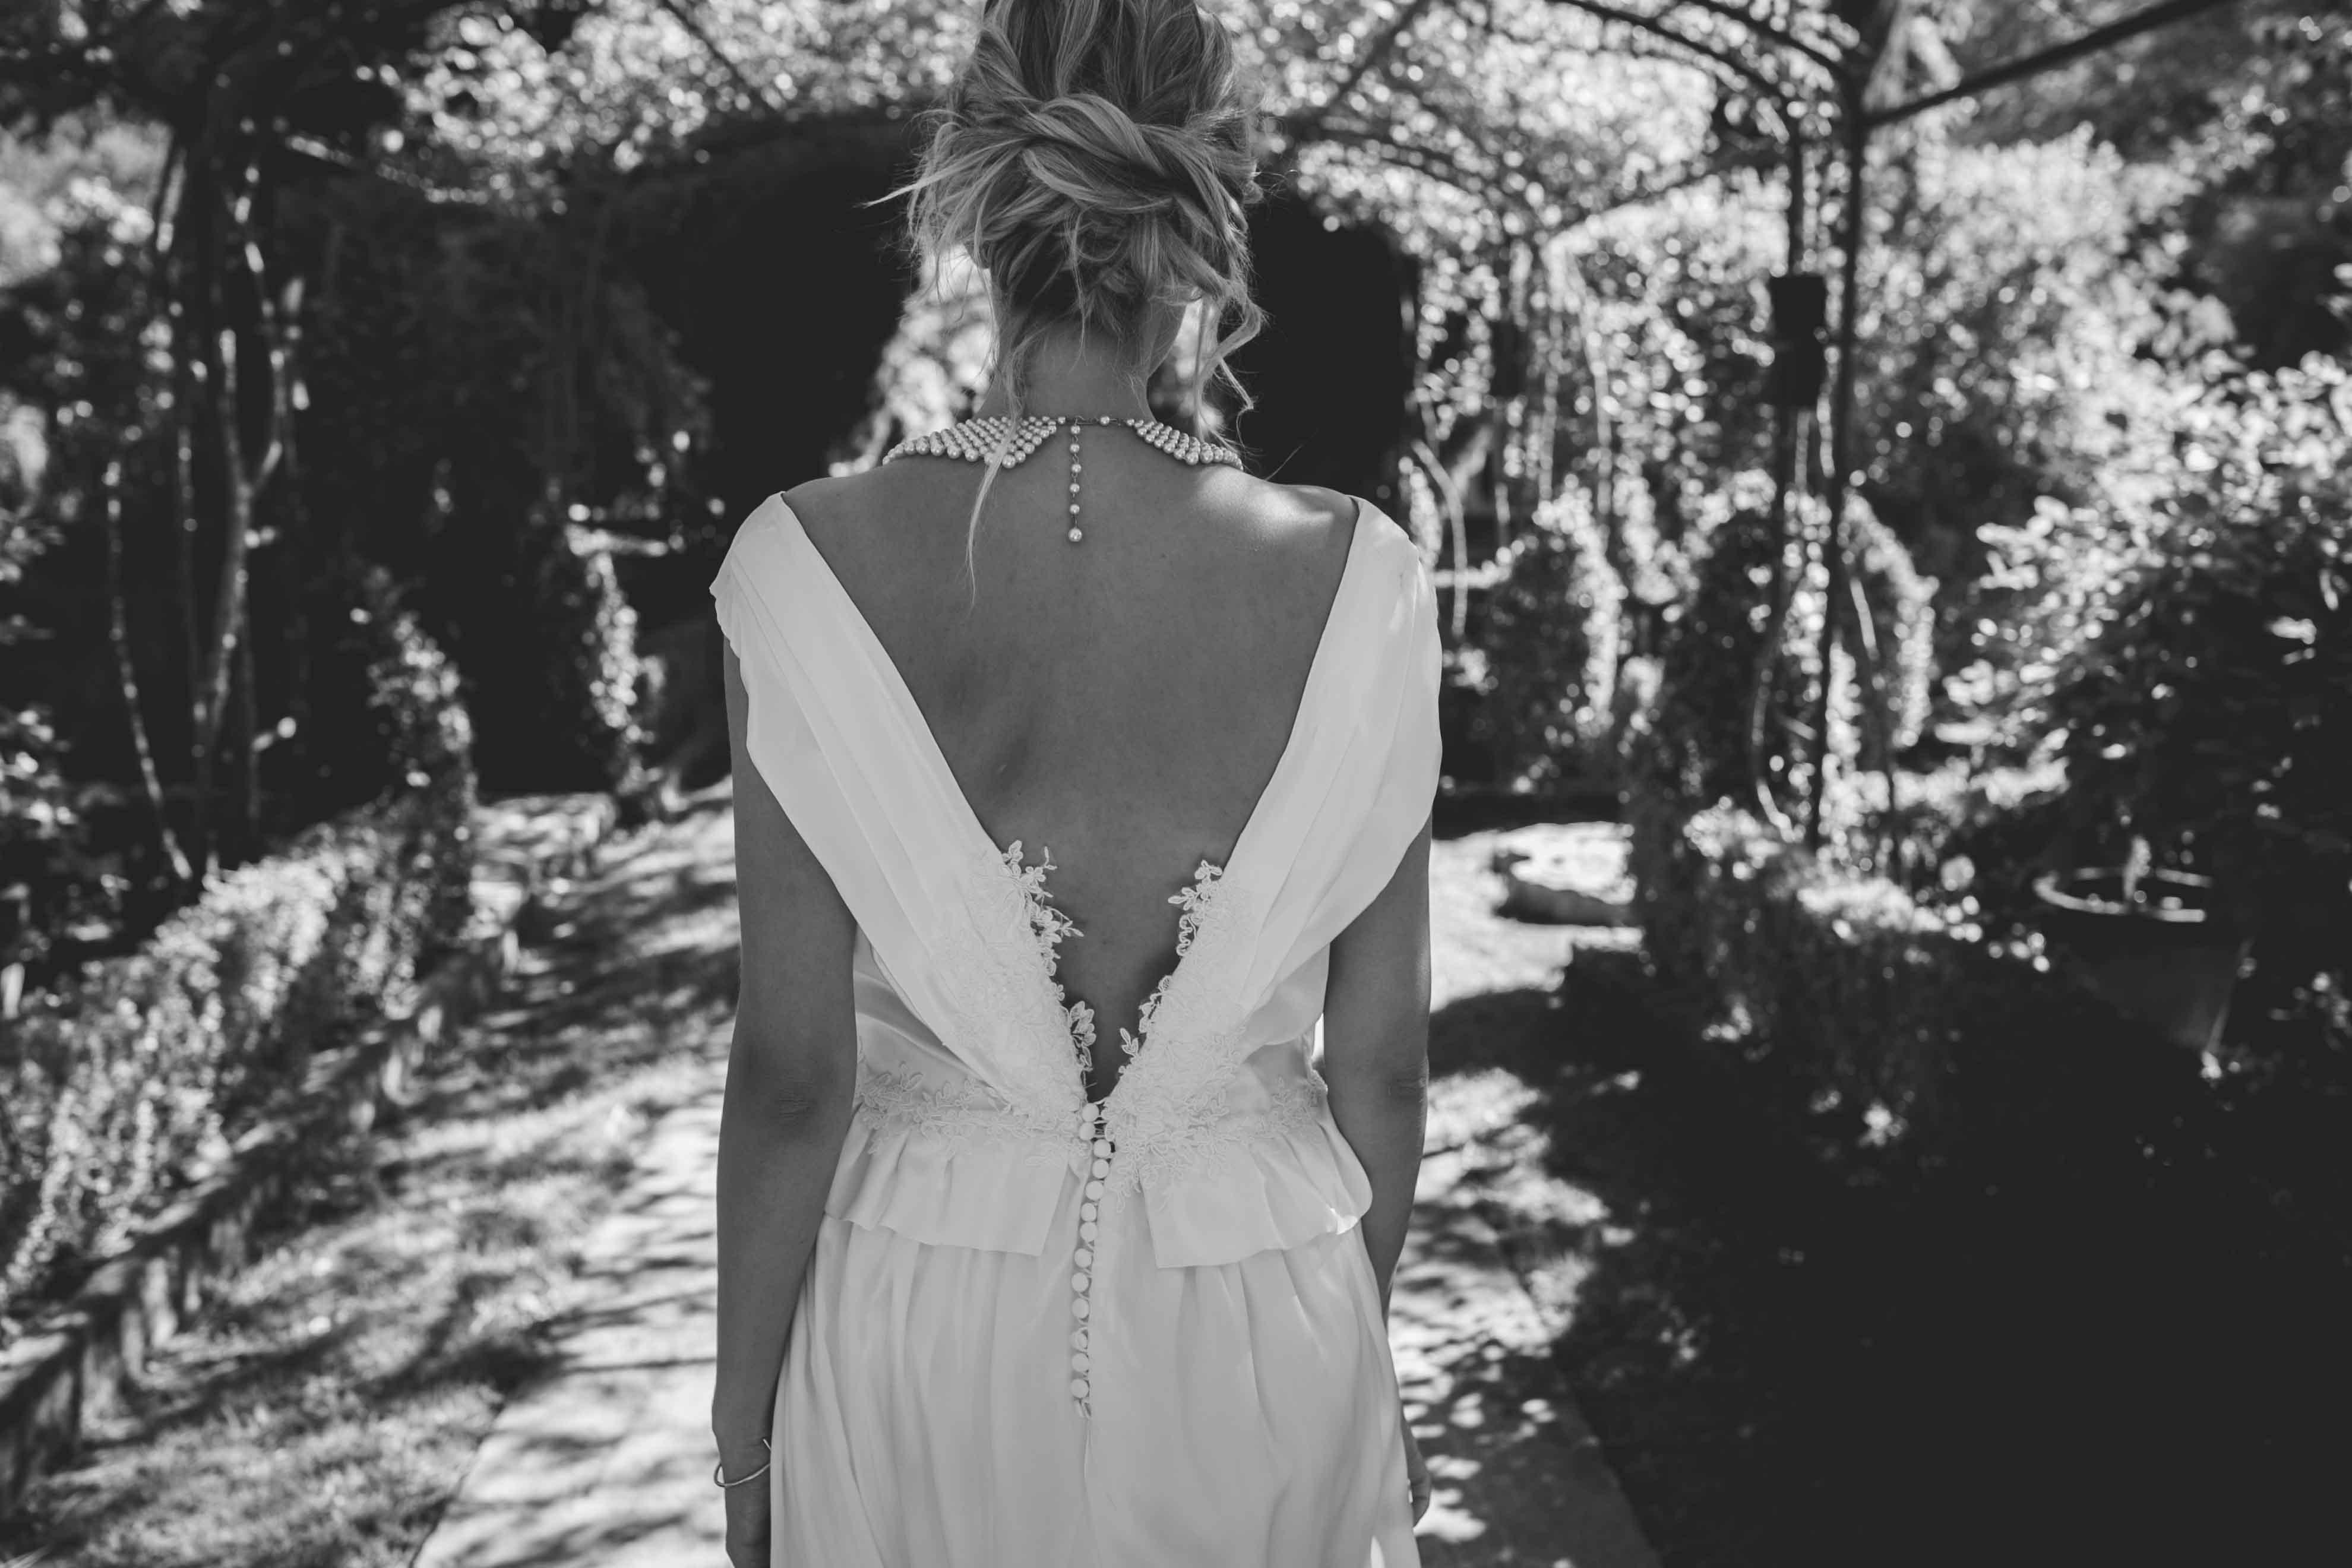 daniel-pelcat-photographe-mariage-0255